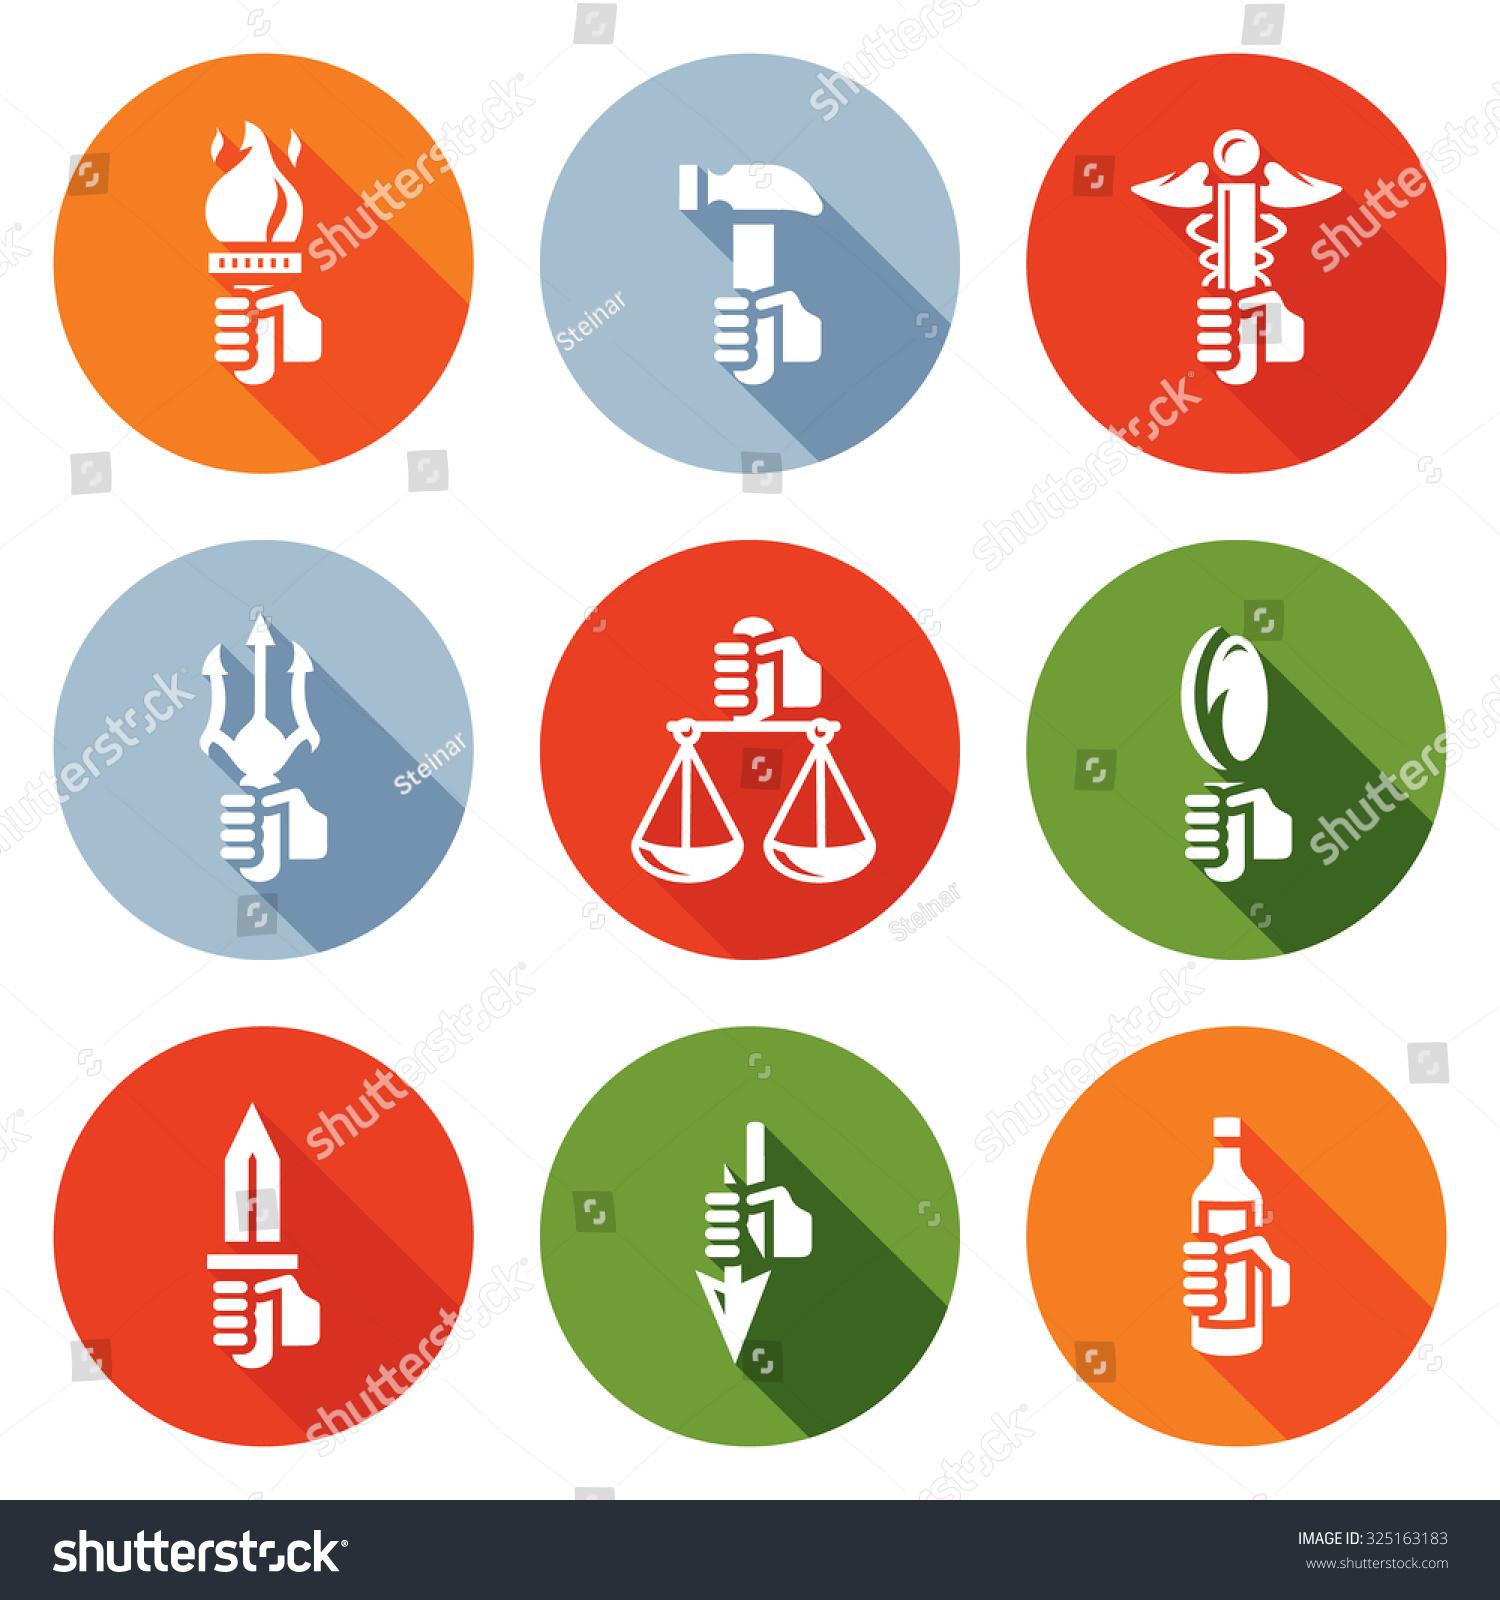 Symbols gods greek mythology icons set stock vector 325163183 symbols of the gods in greek mythology icons set vector illustration biocorpaavc